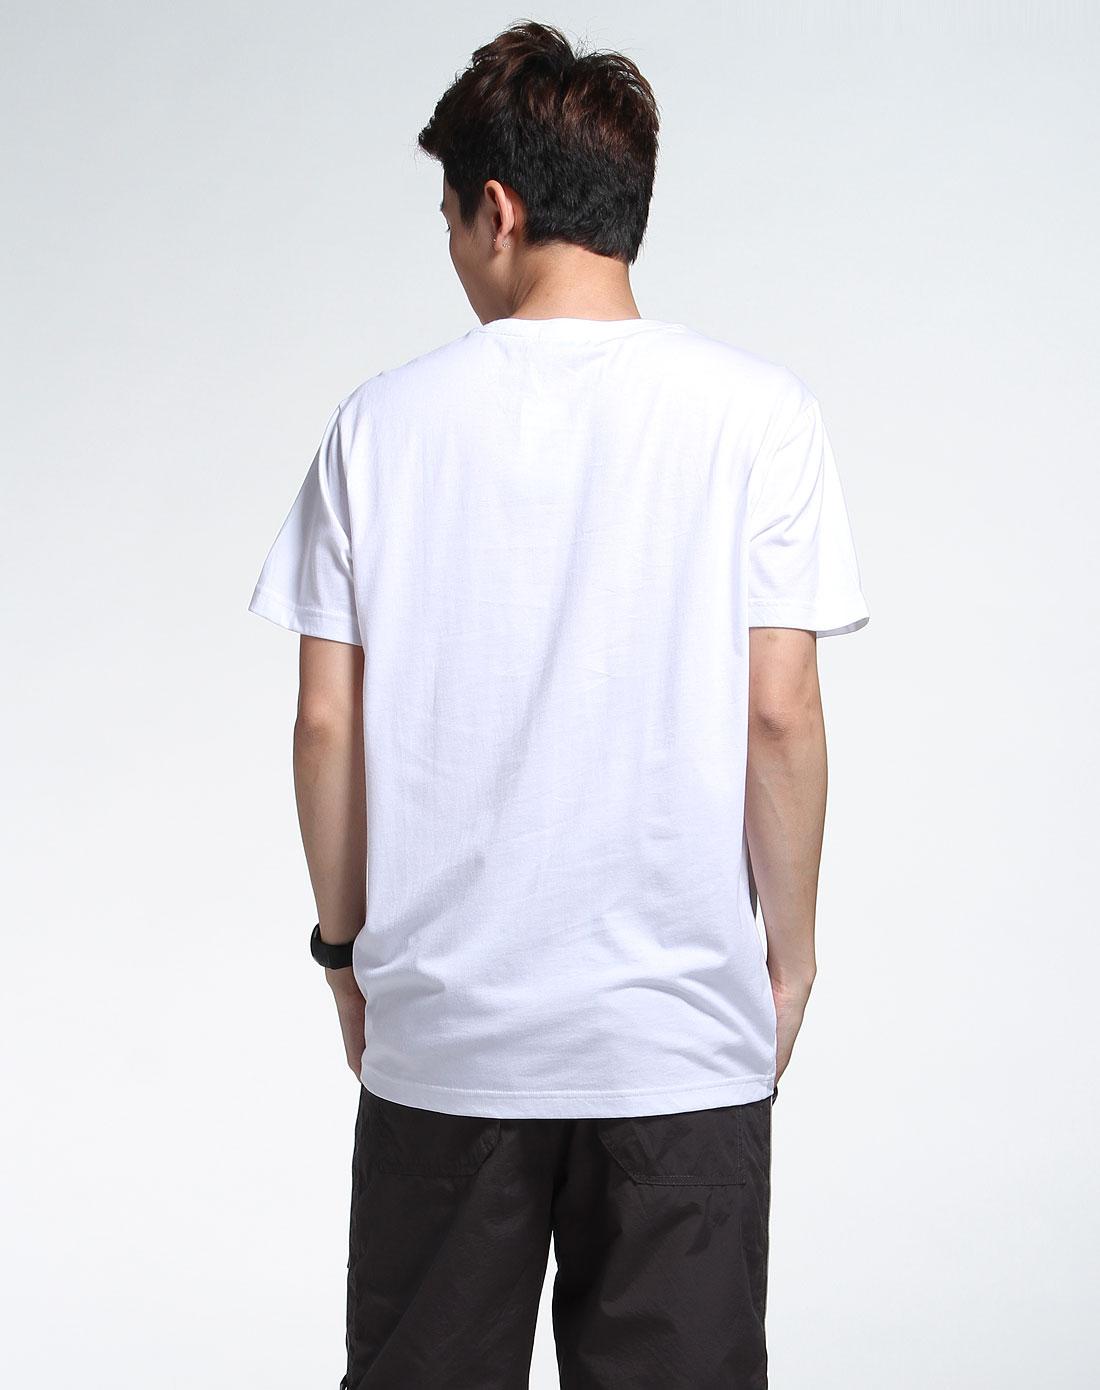 森马男装专场-白色短袖休闲t恤图片